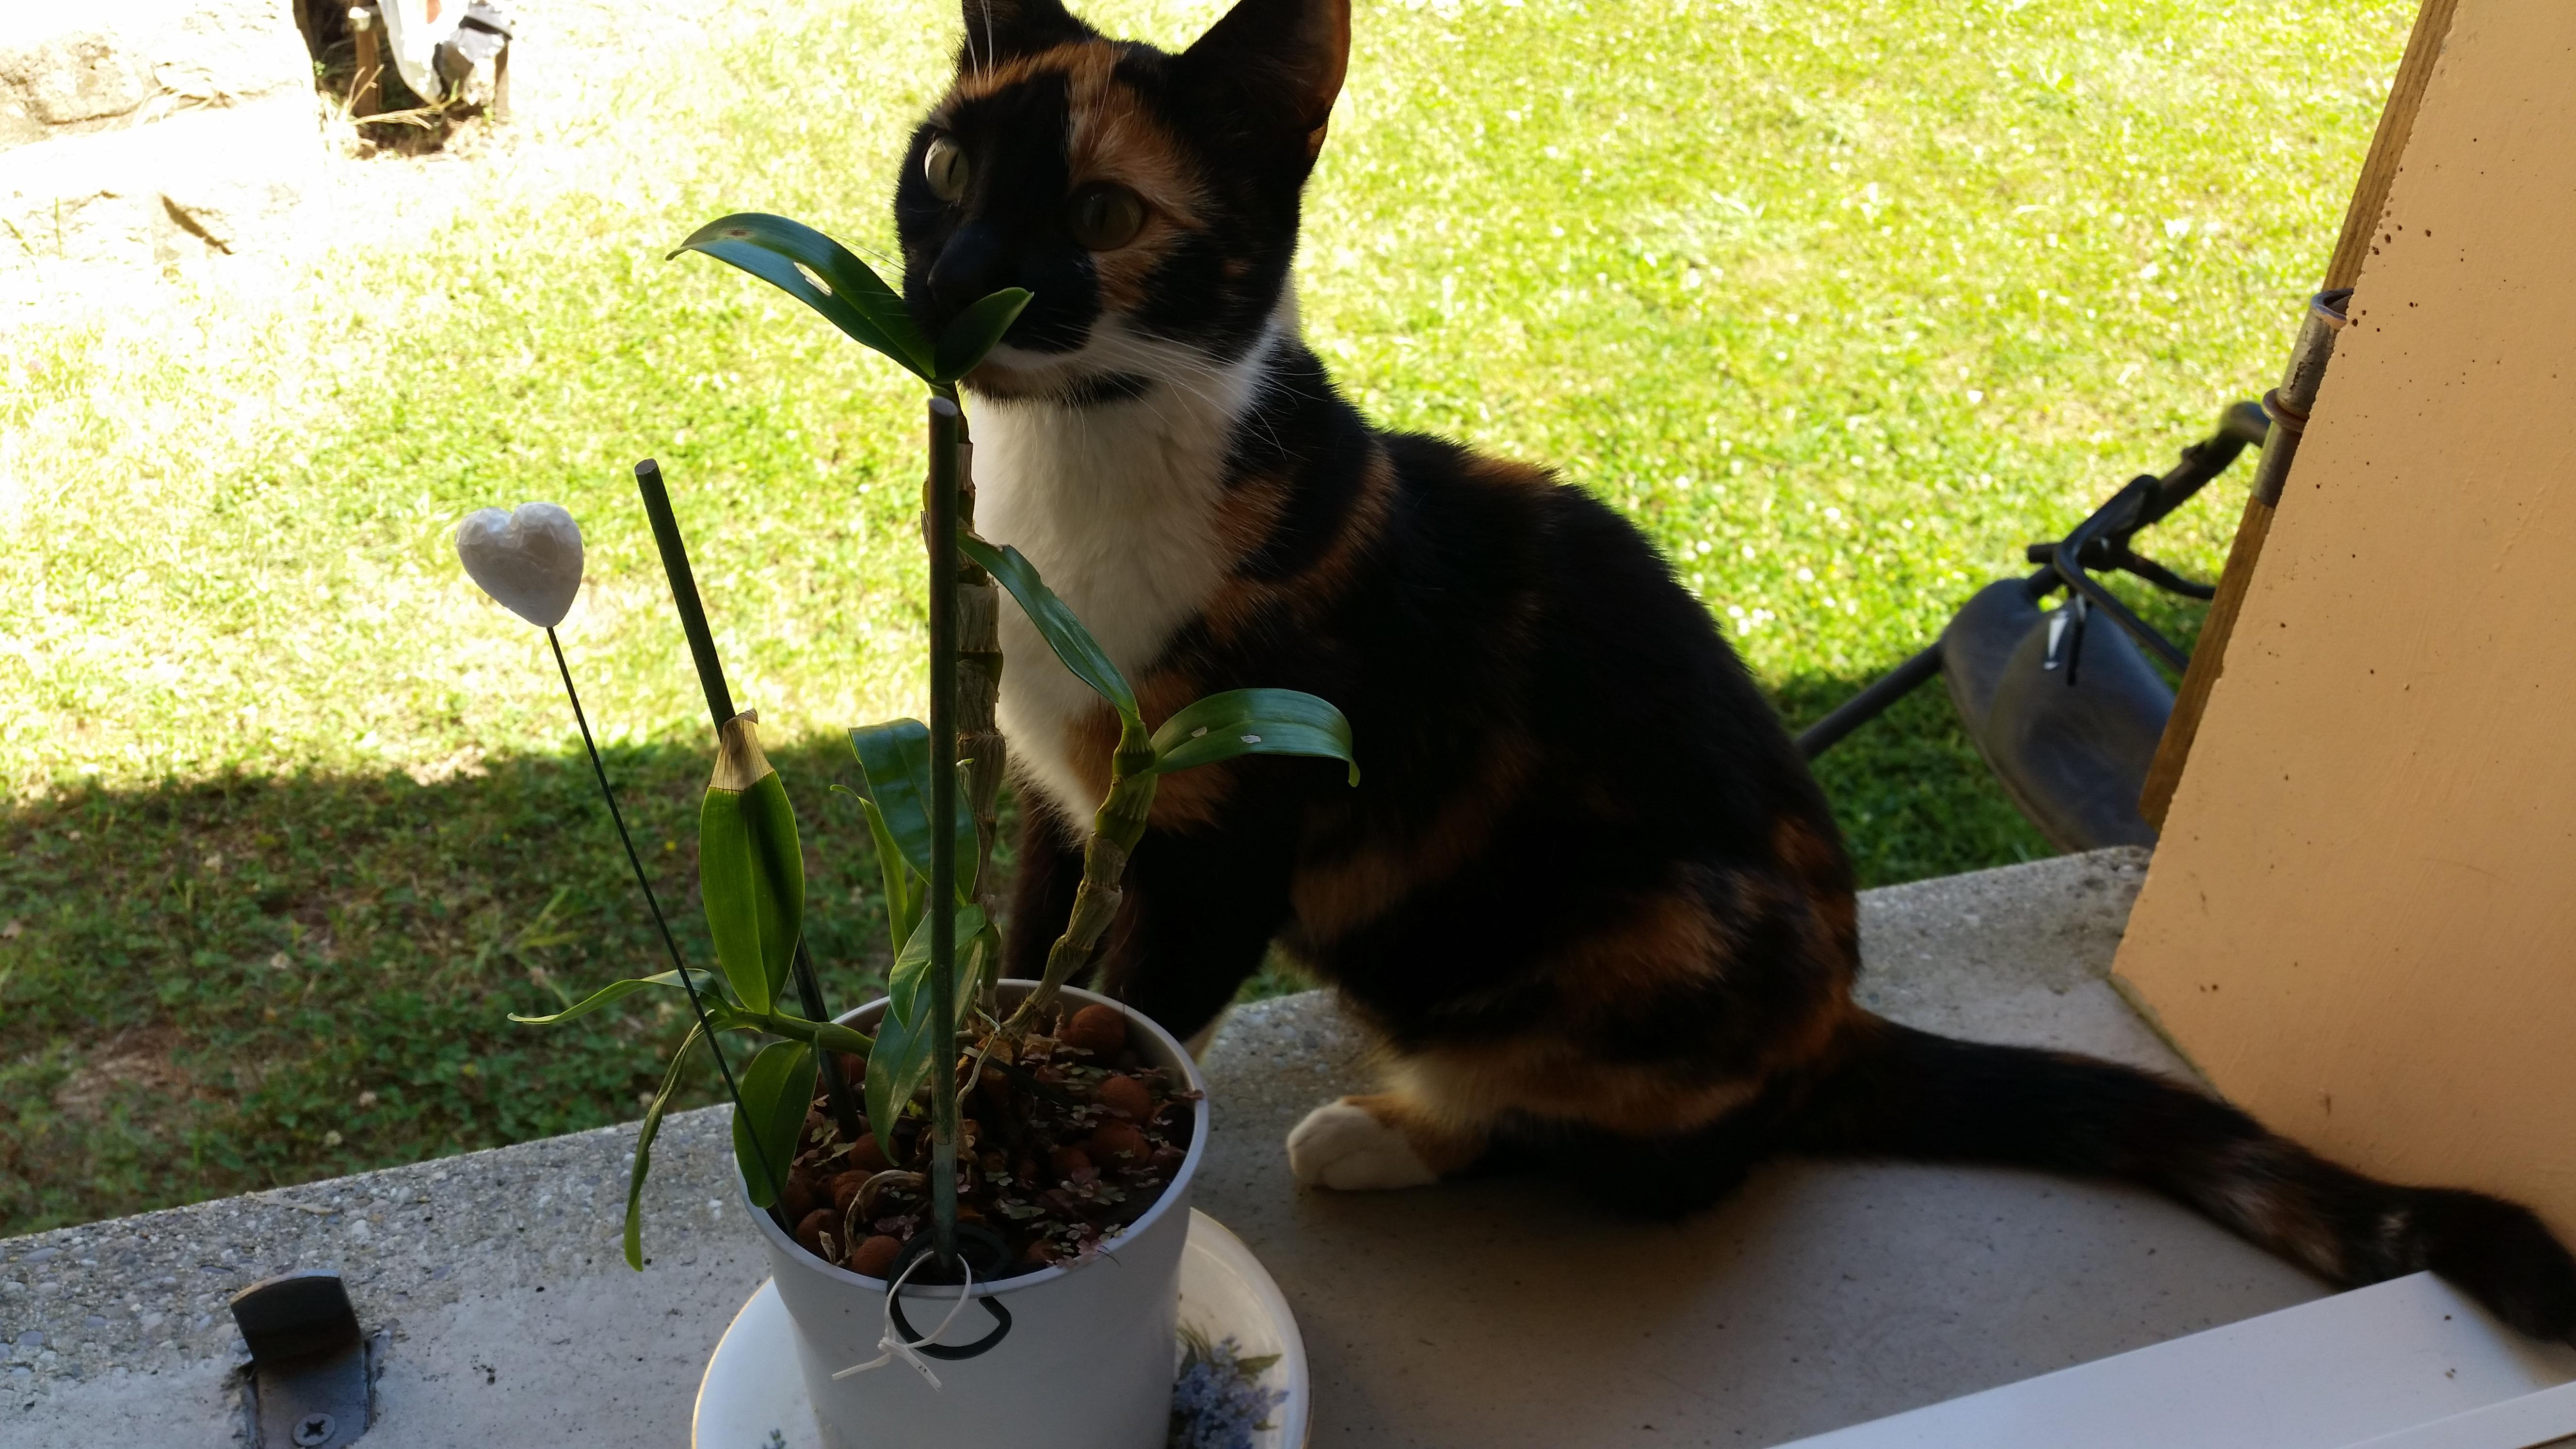 La chatte (à la voisine ?) de W.White 1475574970-4